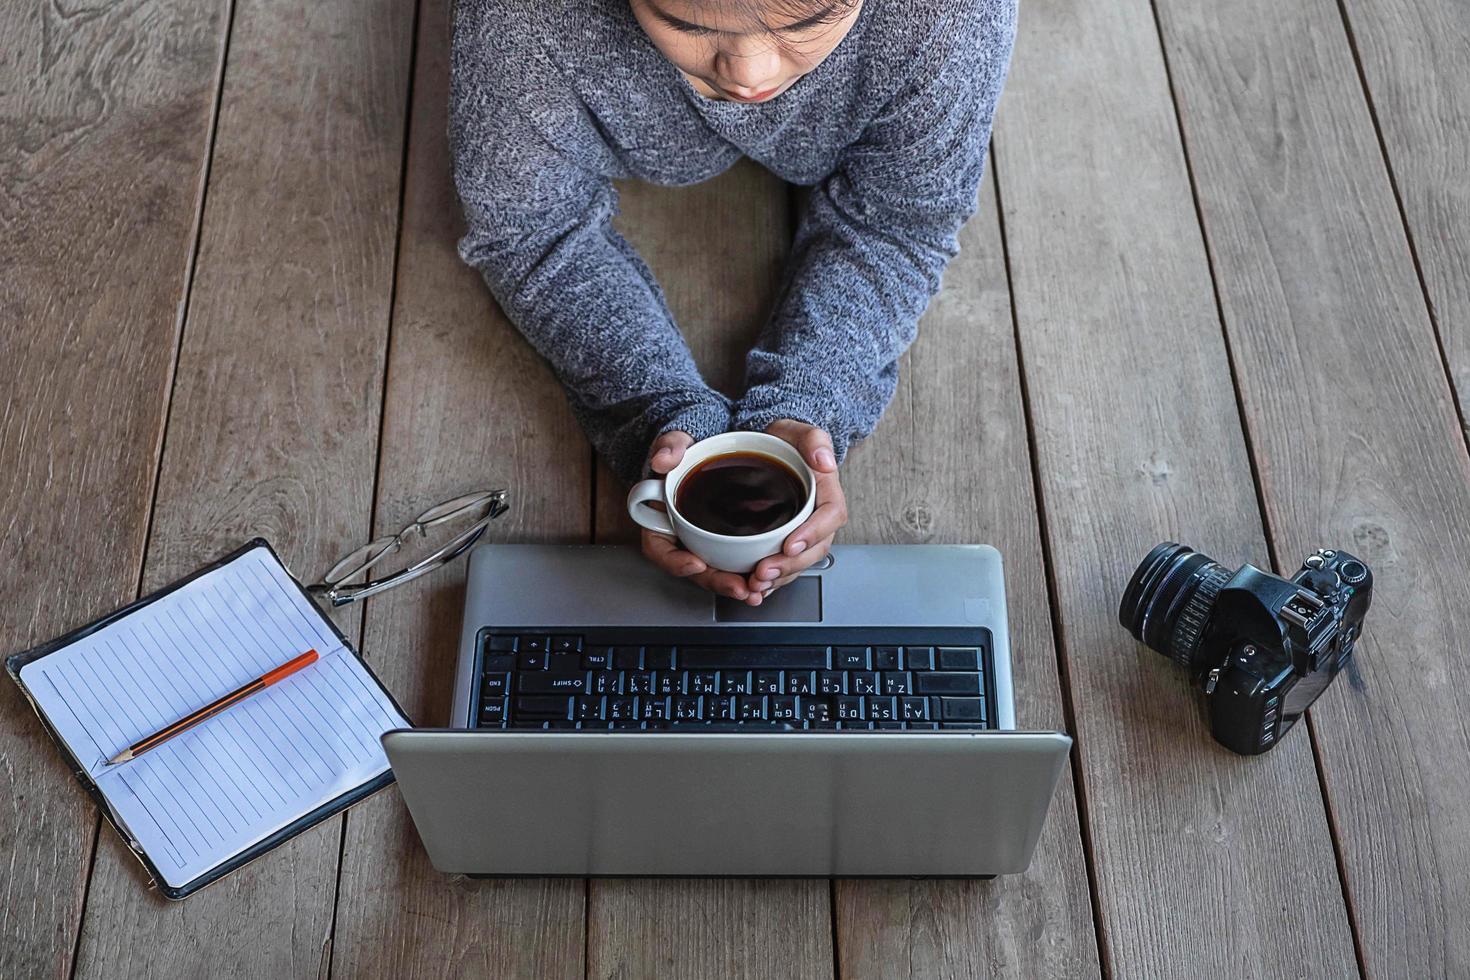 donna posa sul pavimento lavorando su un computer portatile foto